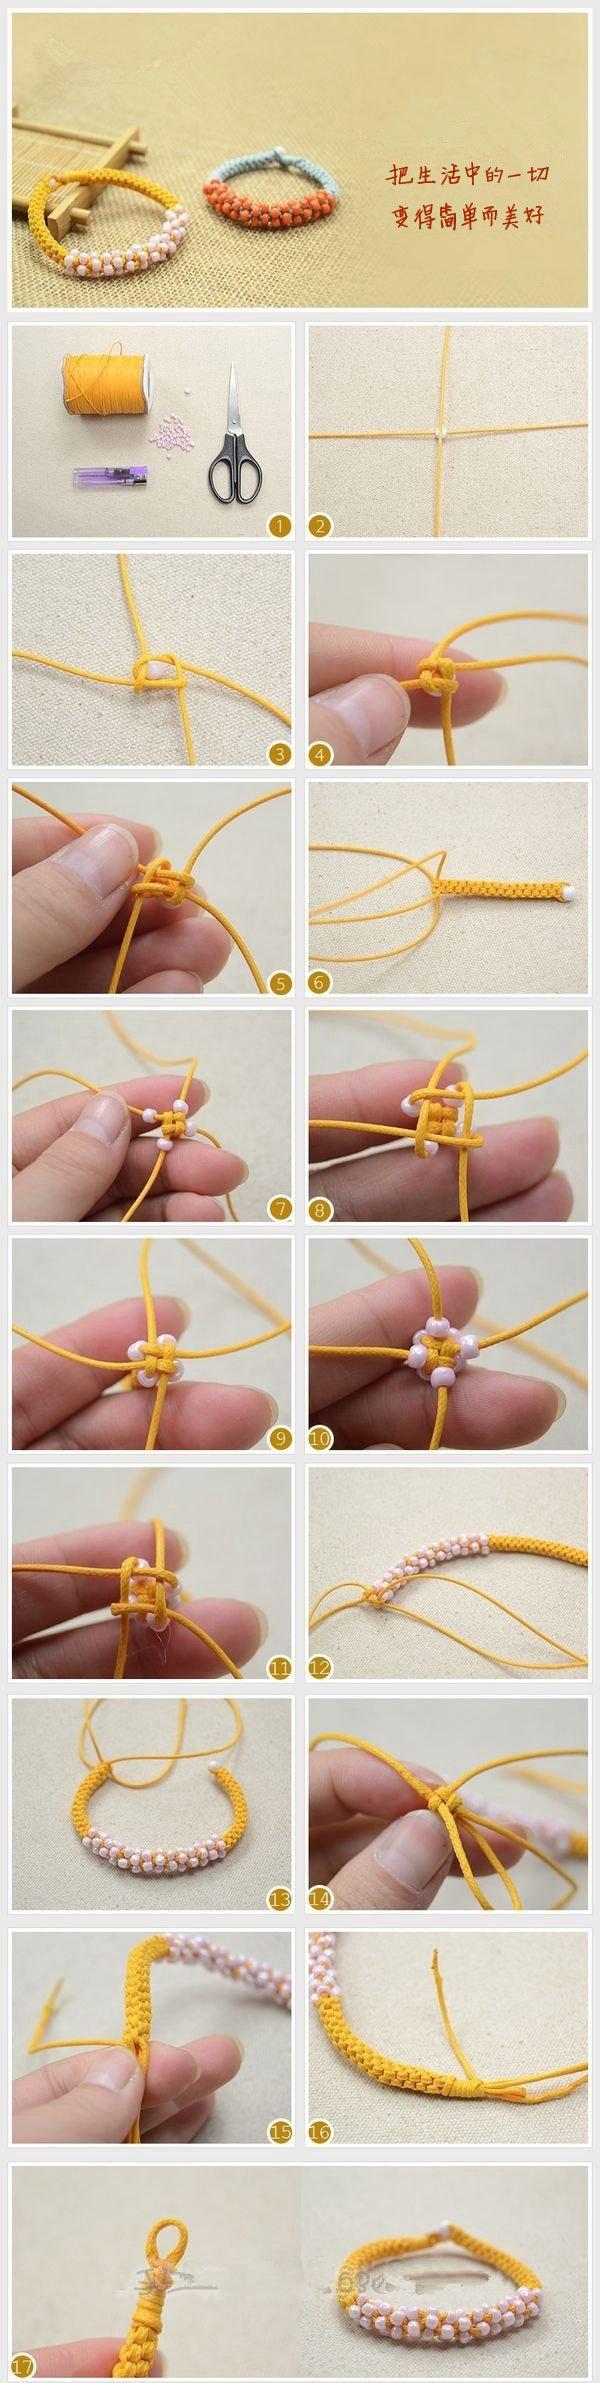 圆柱形手链编法教程 圆柱形串珠手链编法图解